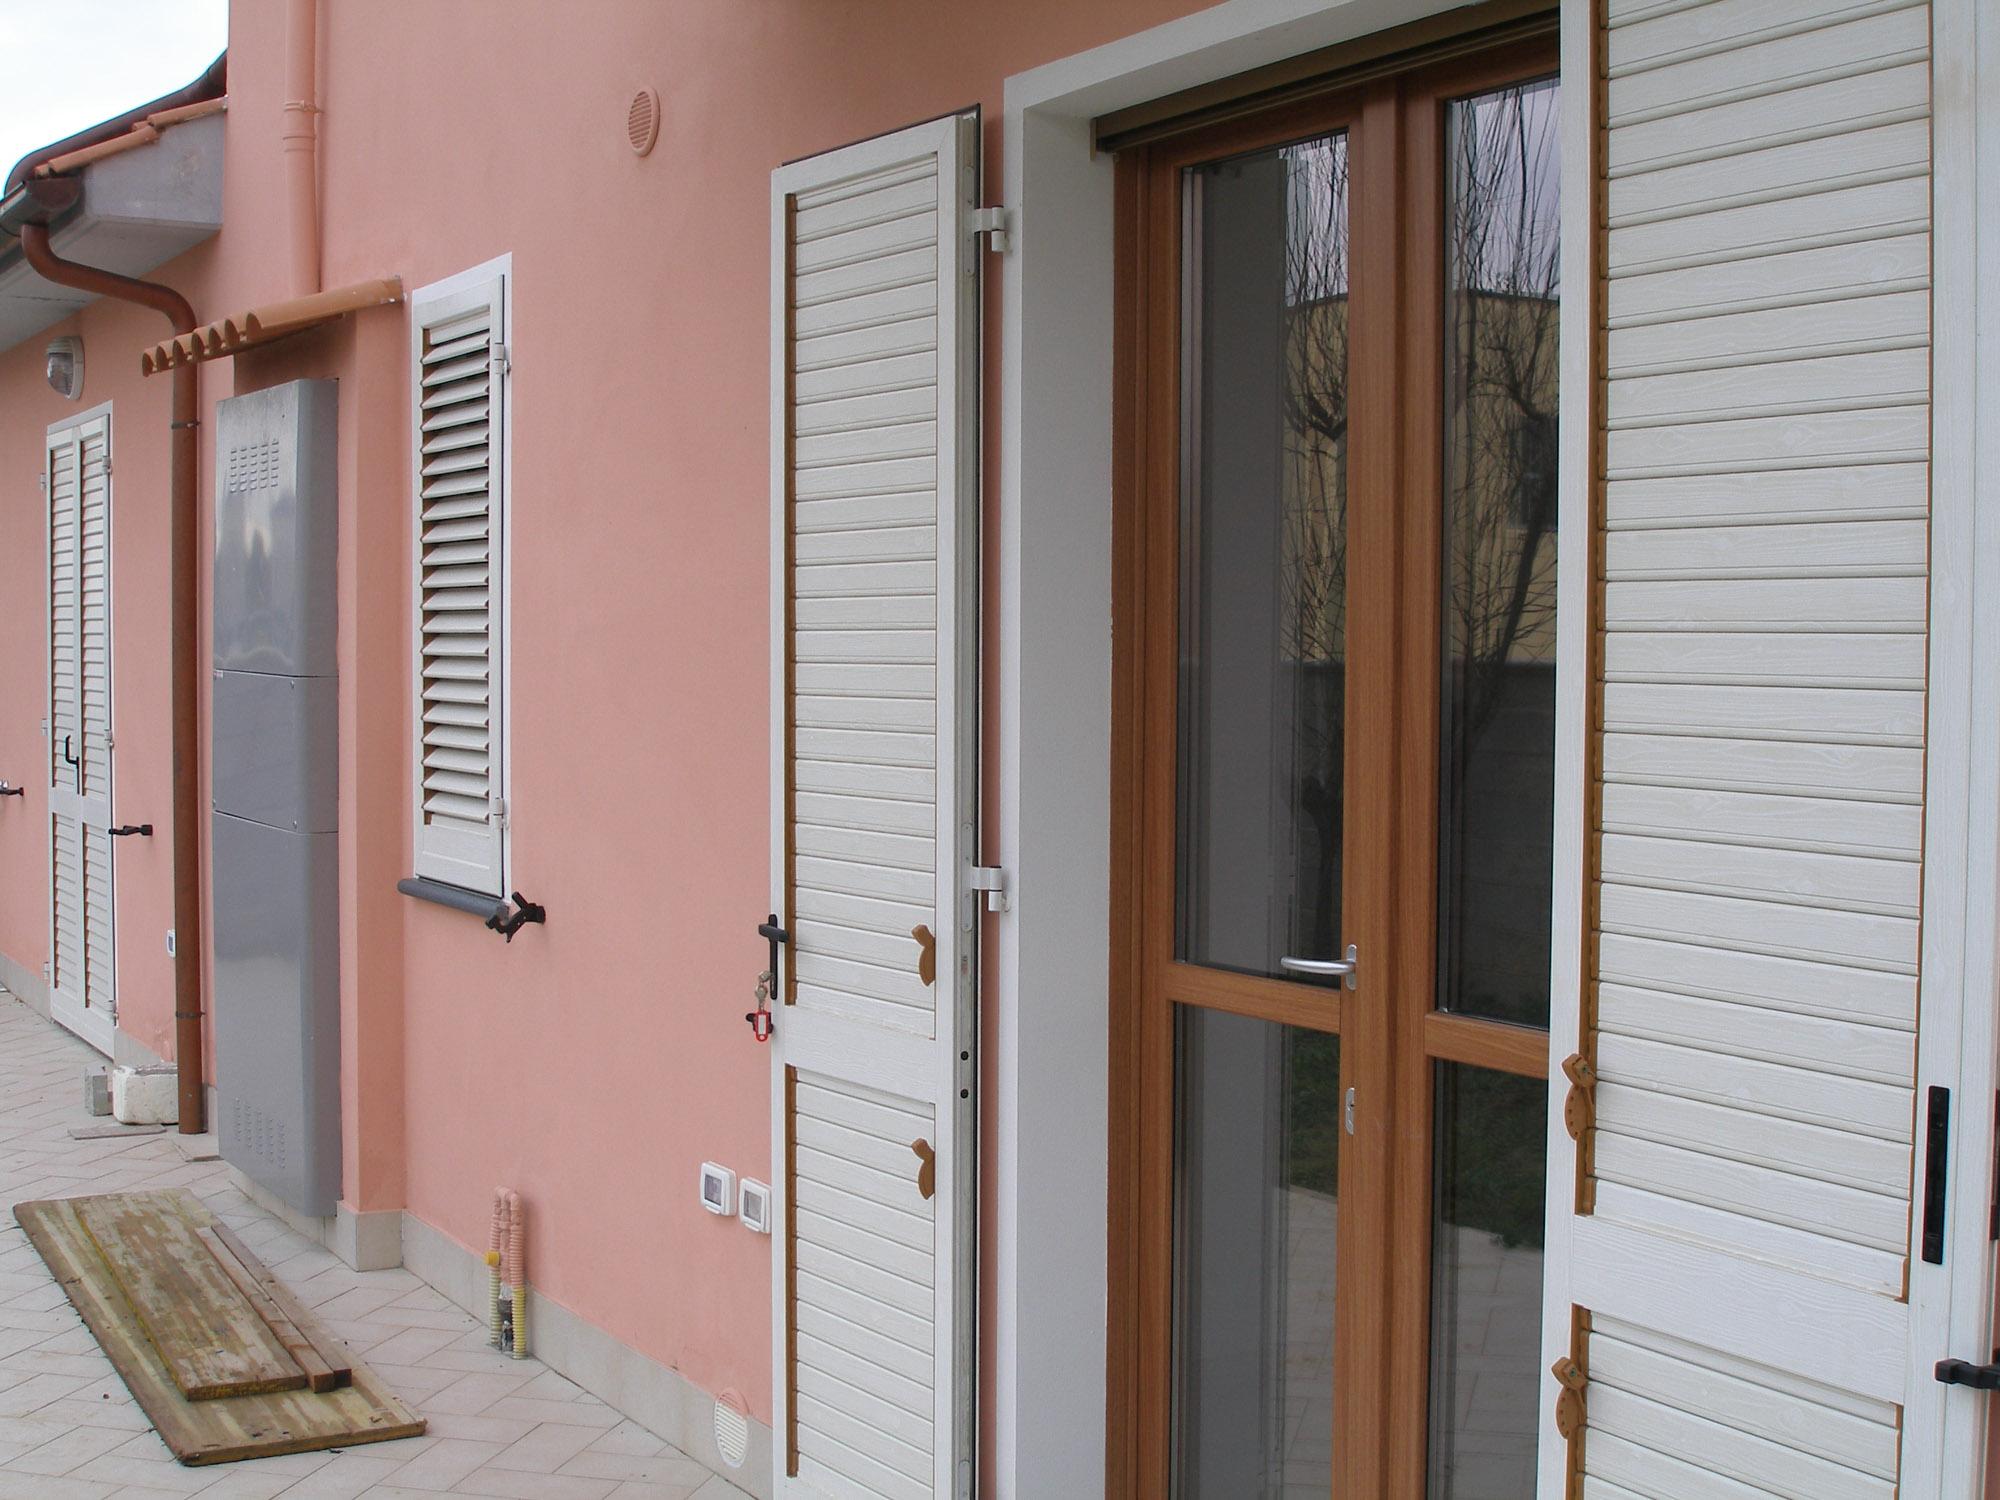 Persiane in pvc effetto legno finestre in alluminio color for Costo persiane in pvc